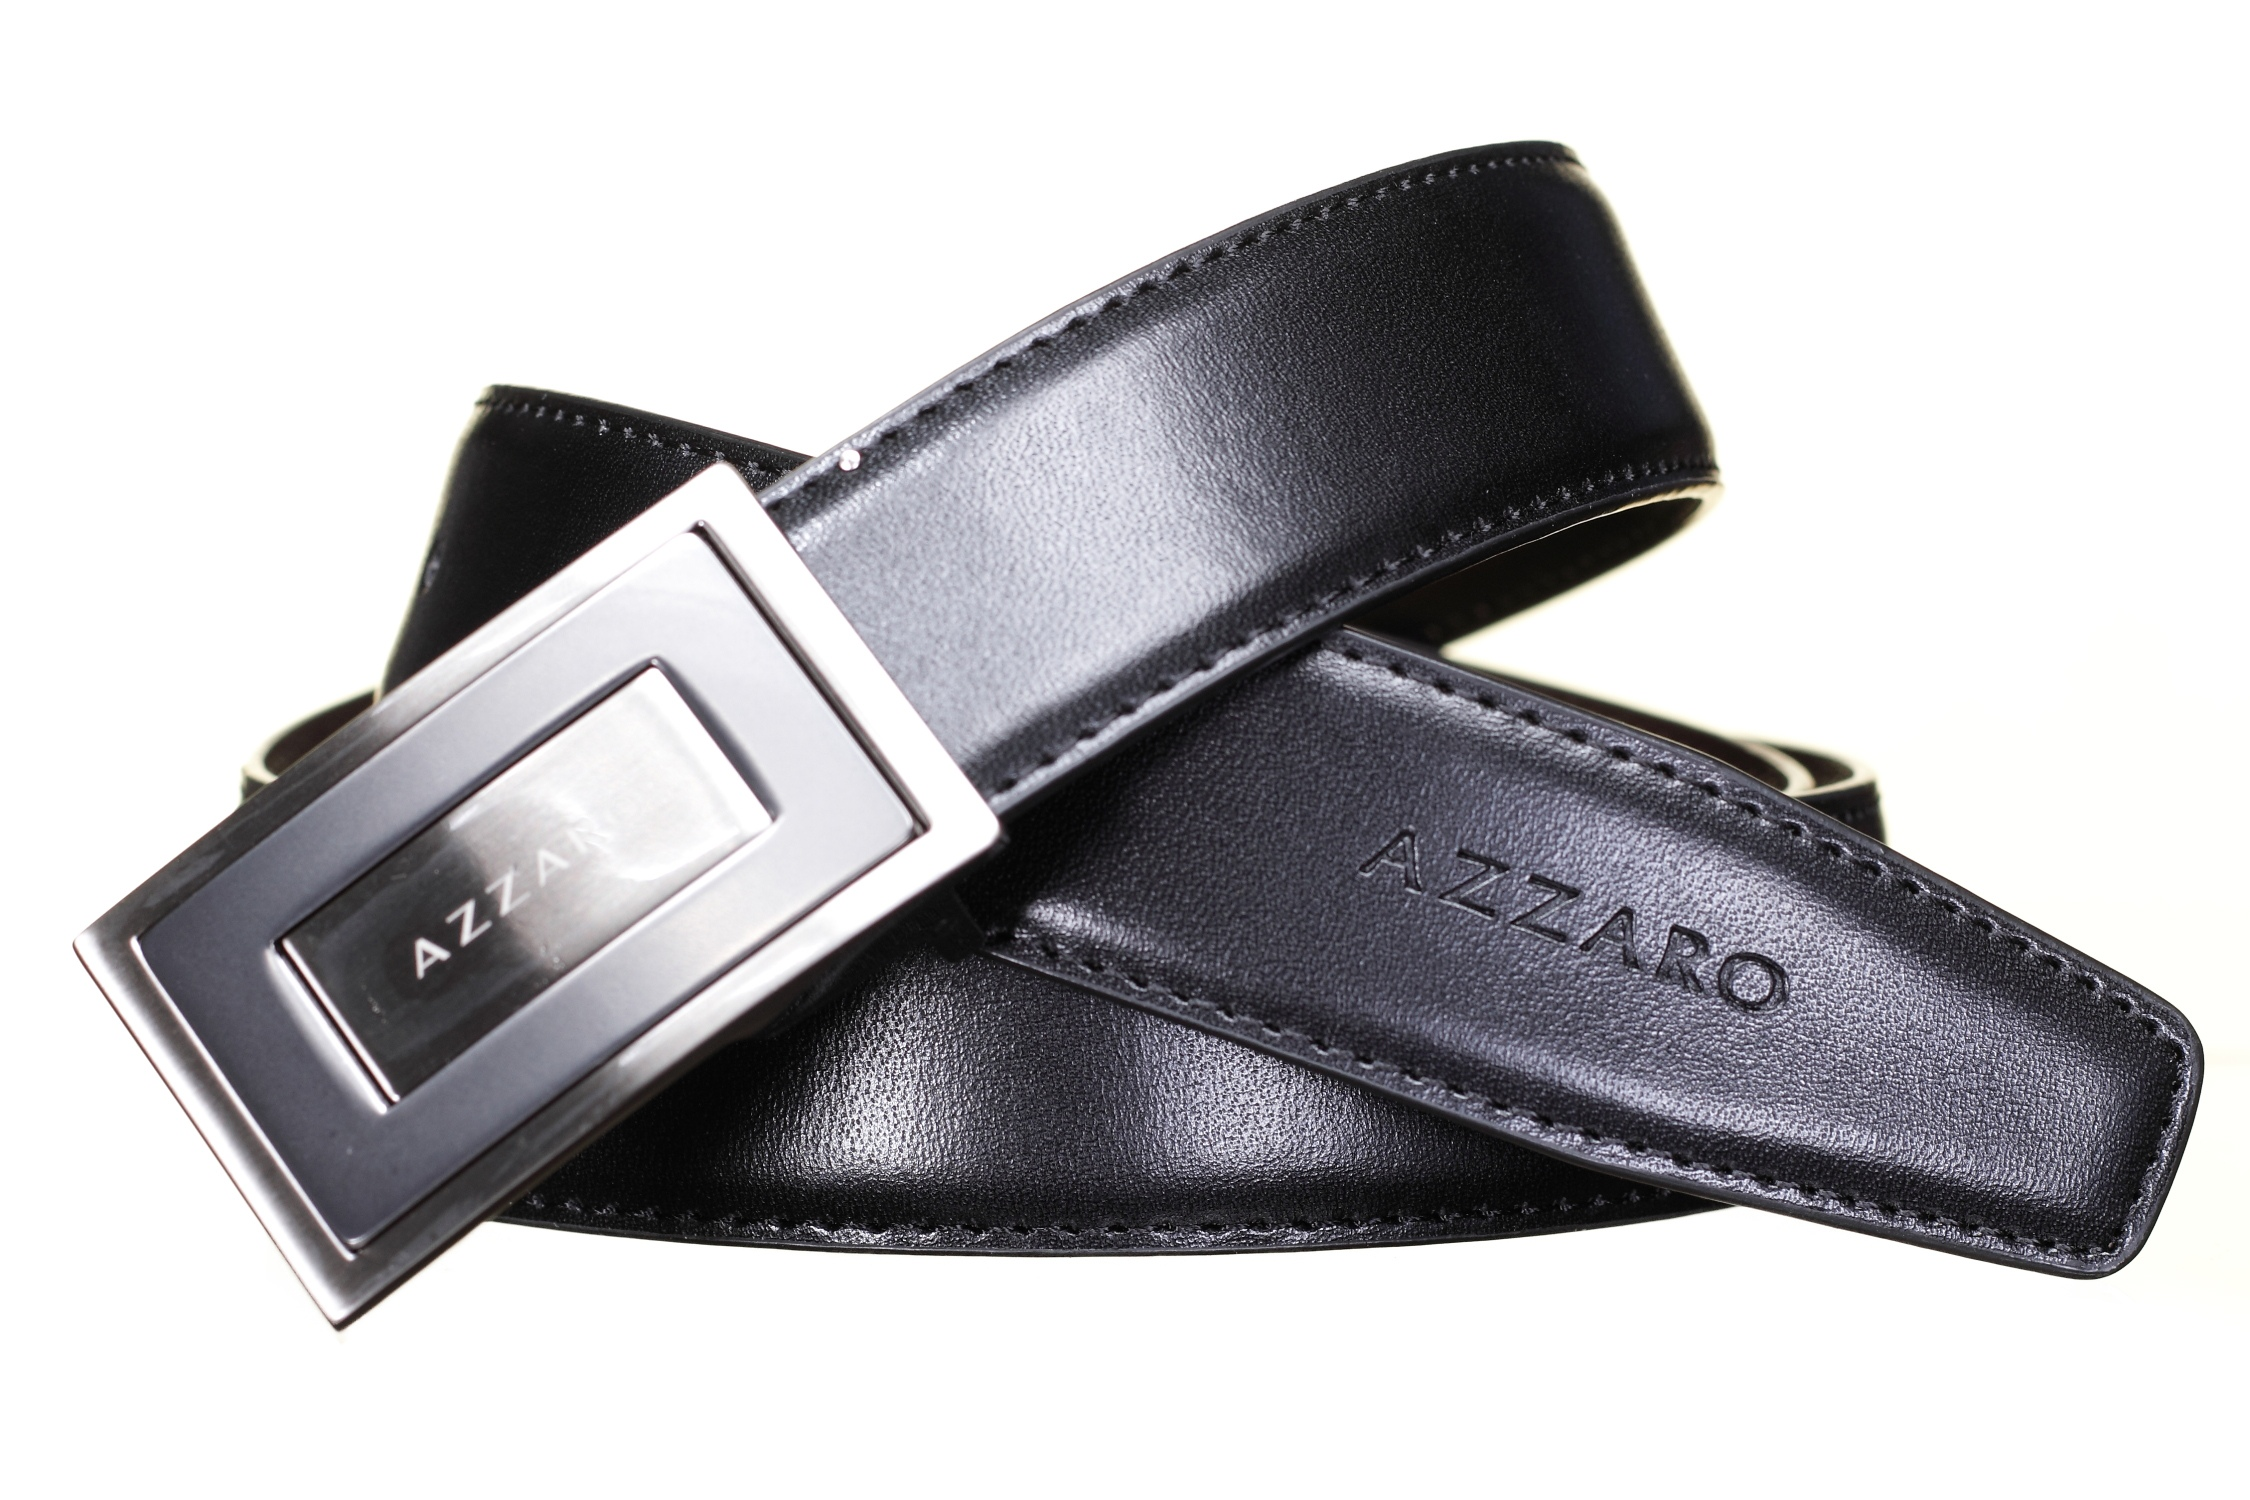 http://www.leadermode.com/90276/azzaro-21204-reversible-noir-marron.jpg